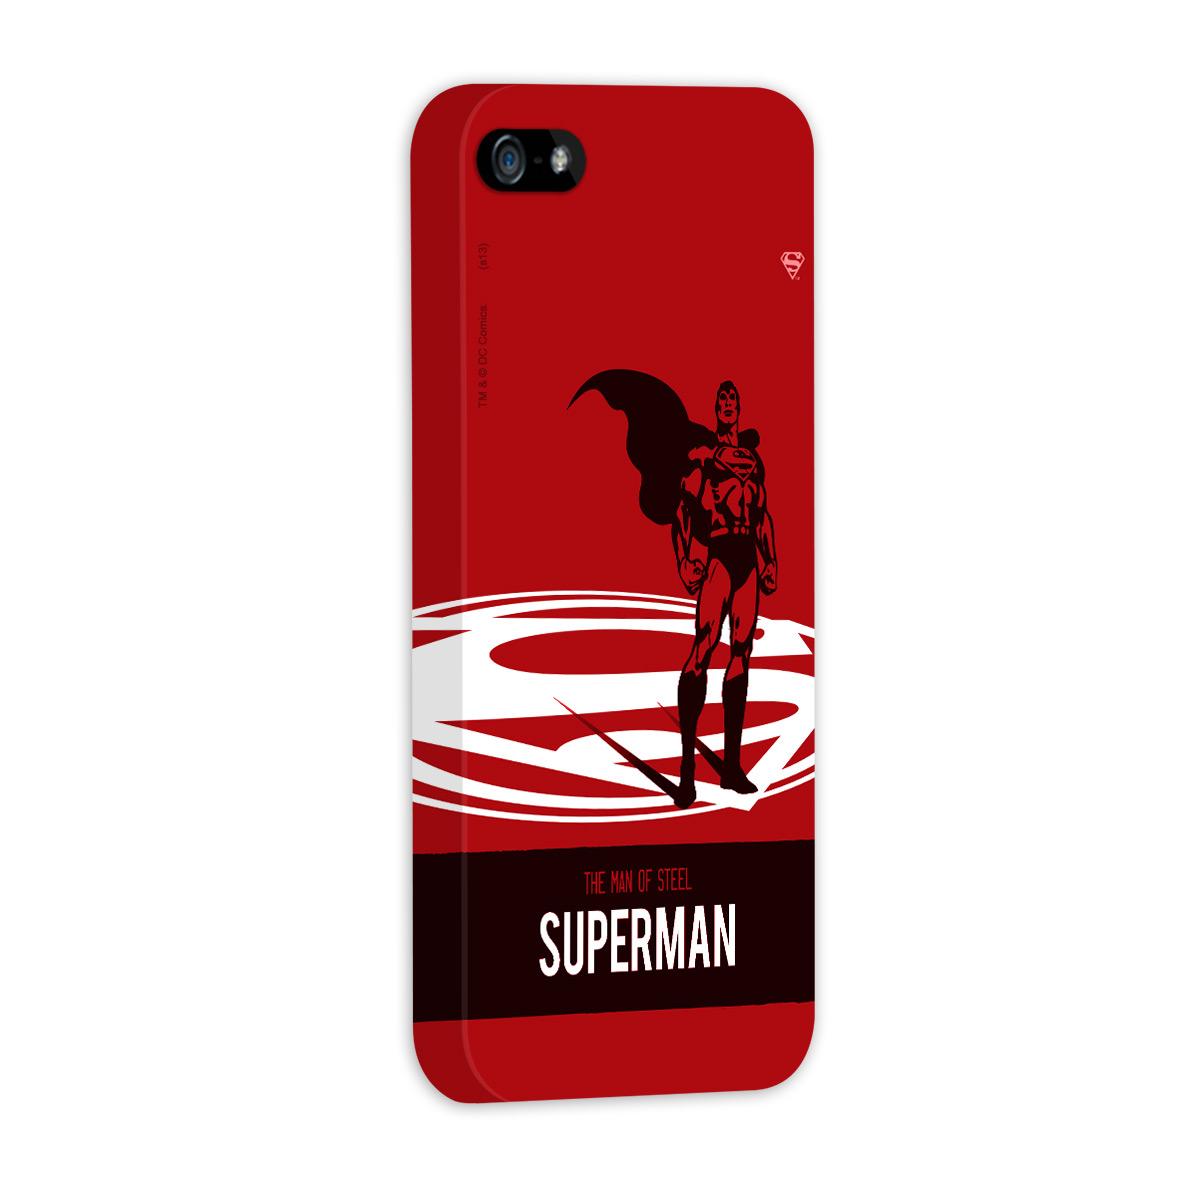 Capa de iPhone 5/5S Superman The Man of Steel